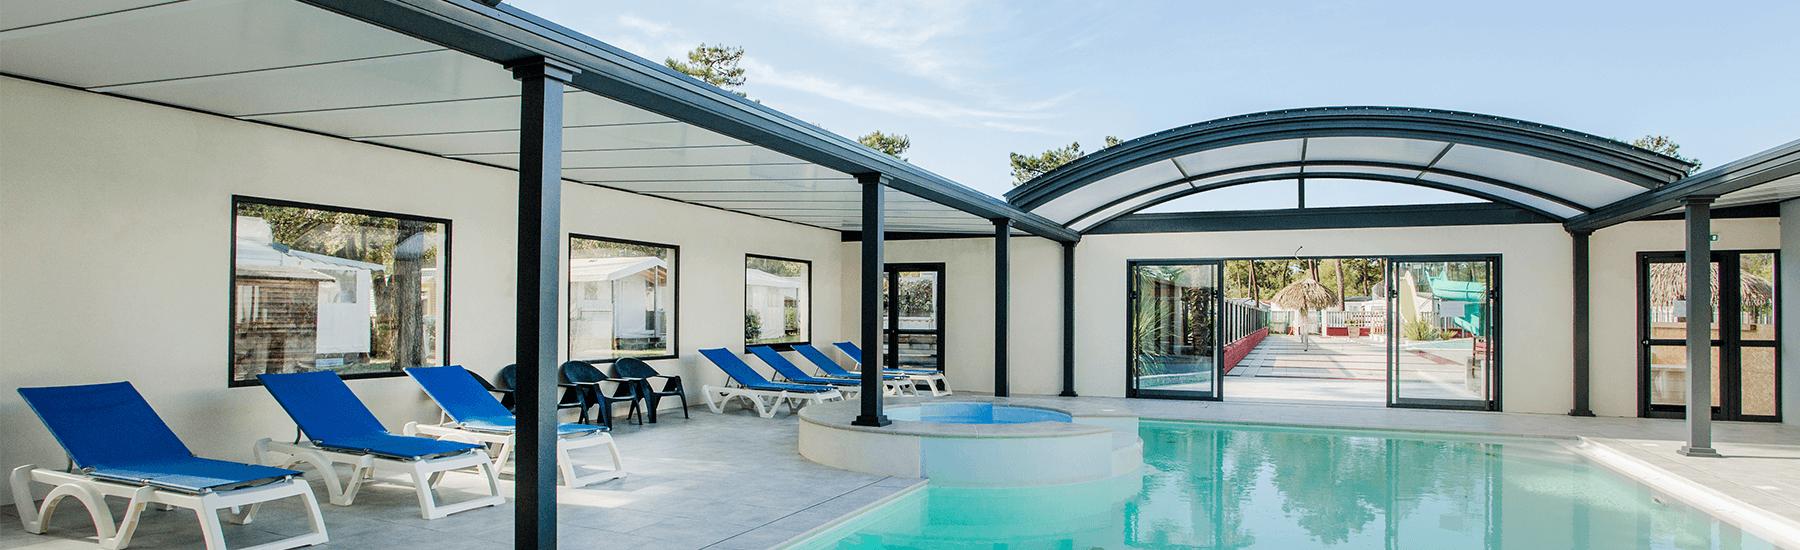 Extension Maison Piscine Couverte abris de piscine : quelle hauteur choisir ? | concept alu